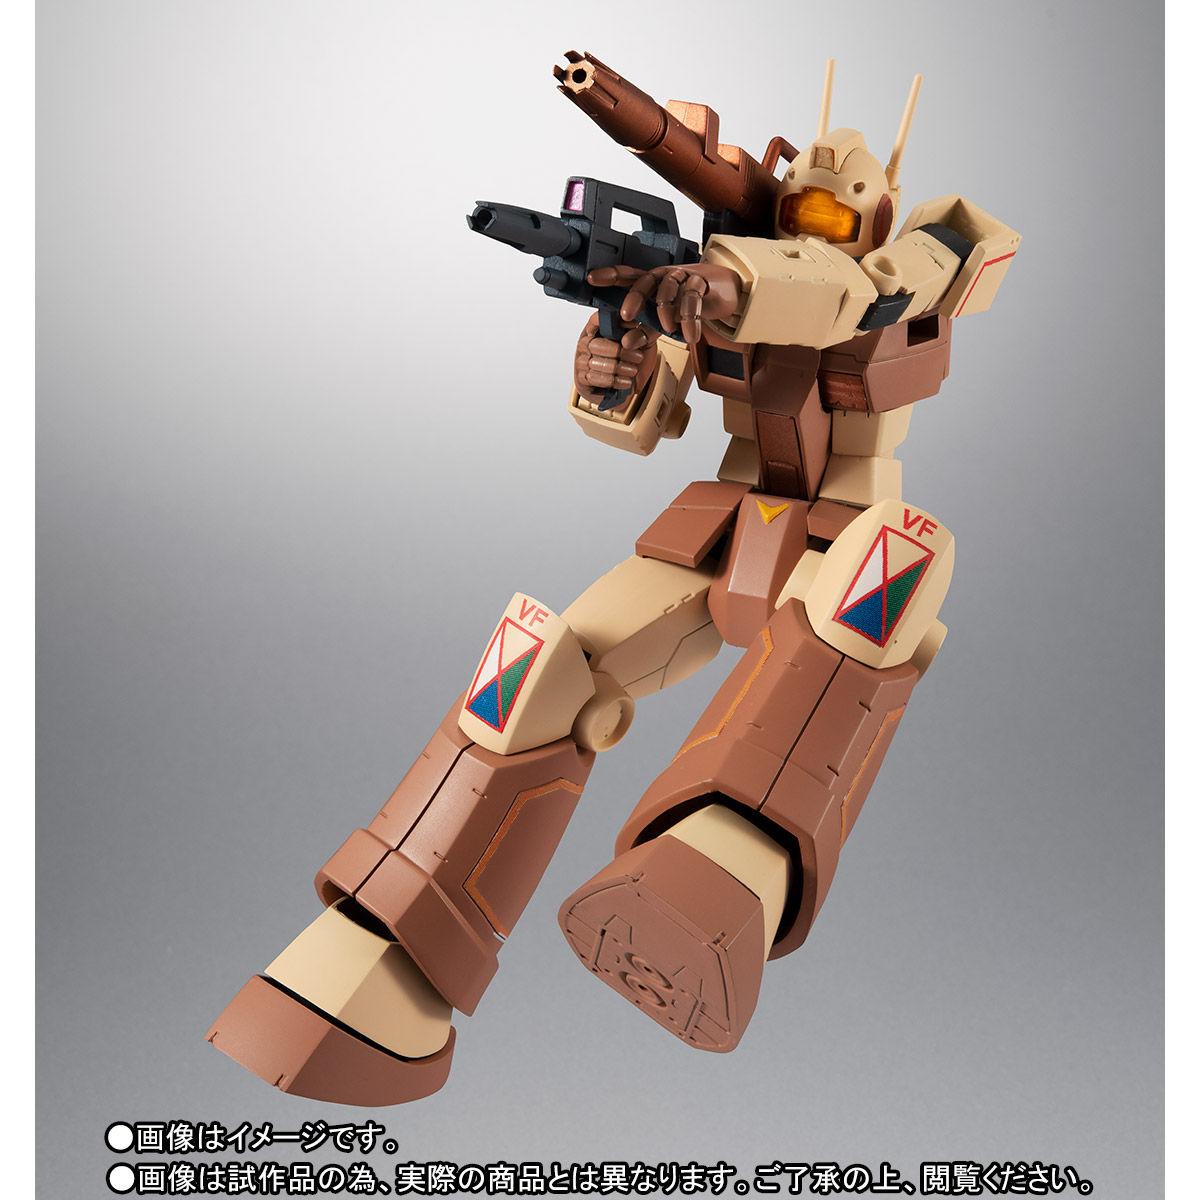 【限定販売】ROBOT魂〈SIDE MS〉『RGC-80 ジム・キャノン アフリカ戦線仕様 ver. A.N.I.M.E.』ガンダムMSV 可動フィギュア-009